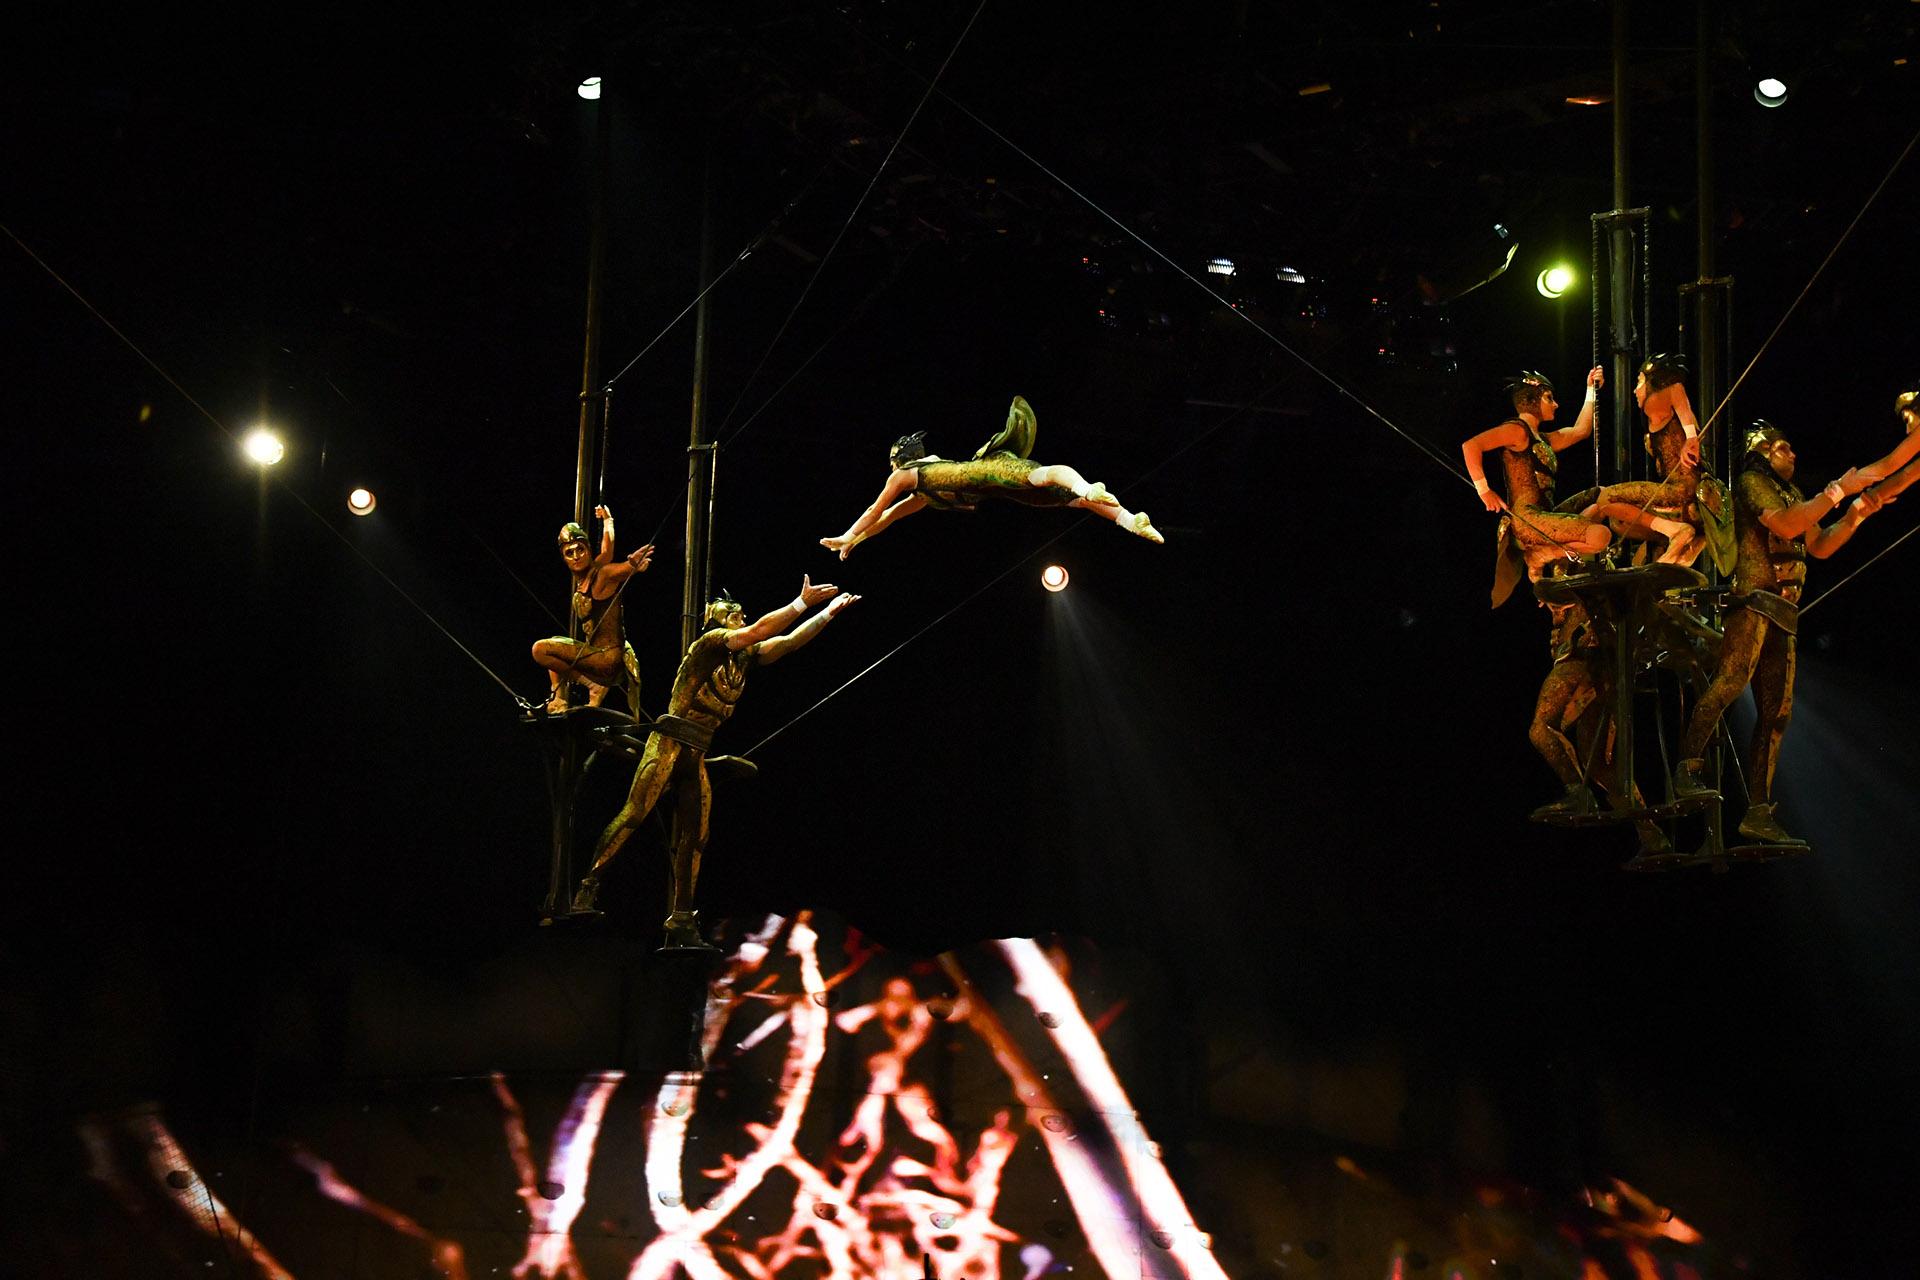 """La crew de """"OvO"""" está compuesta por personas provenientes de 17 países: Australia, Bielorrusia, Bélgica, Brasil, Canadá, Chile, China, Dinamarca, Francia, Moldavia, Mongolia, Russia, España. Taiwan, Ucrania, Reino Unido y Estados Unidos (Cirque du Soleil)"""